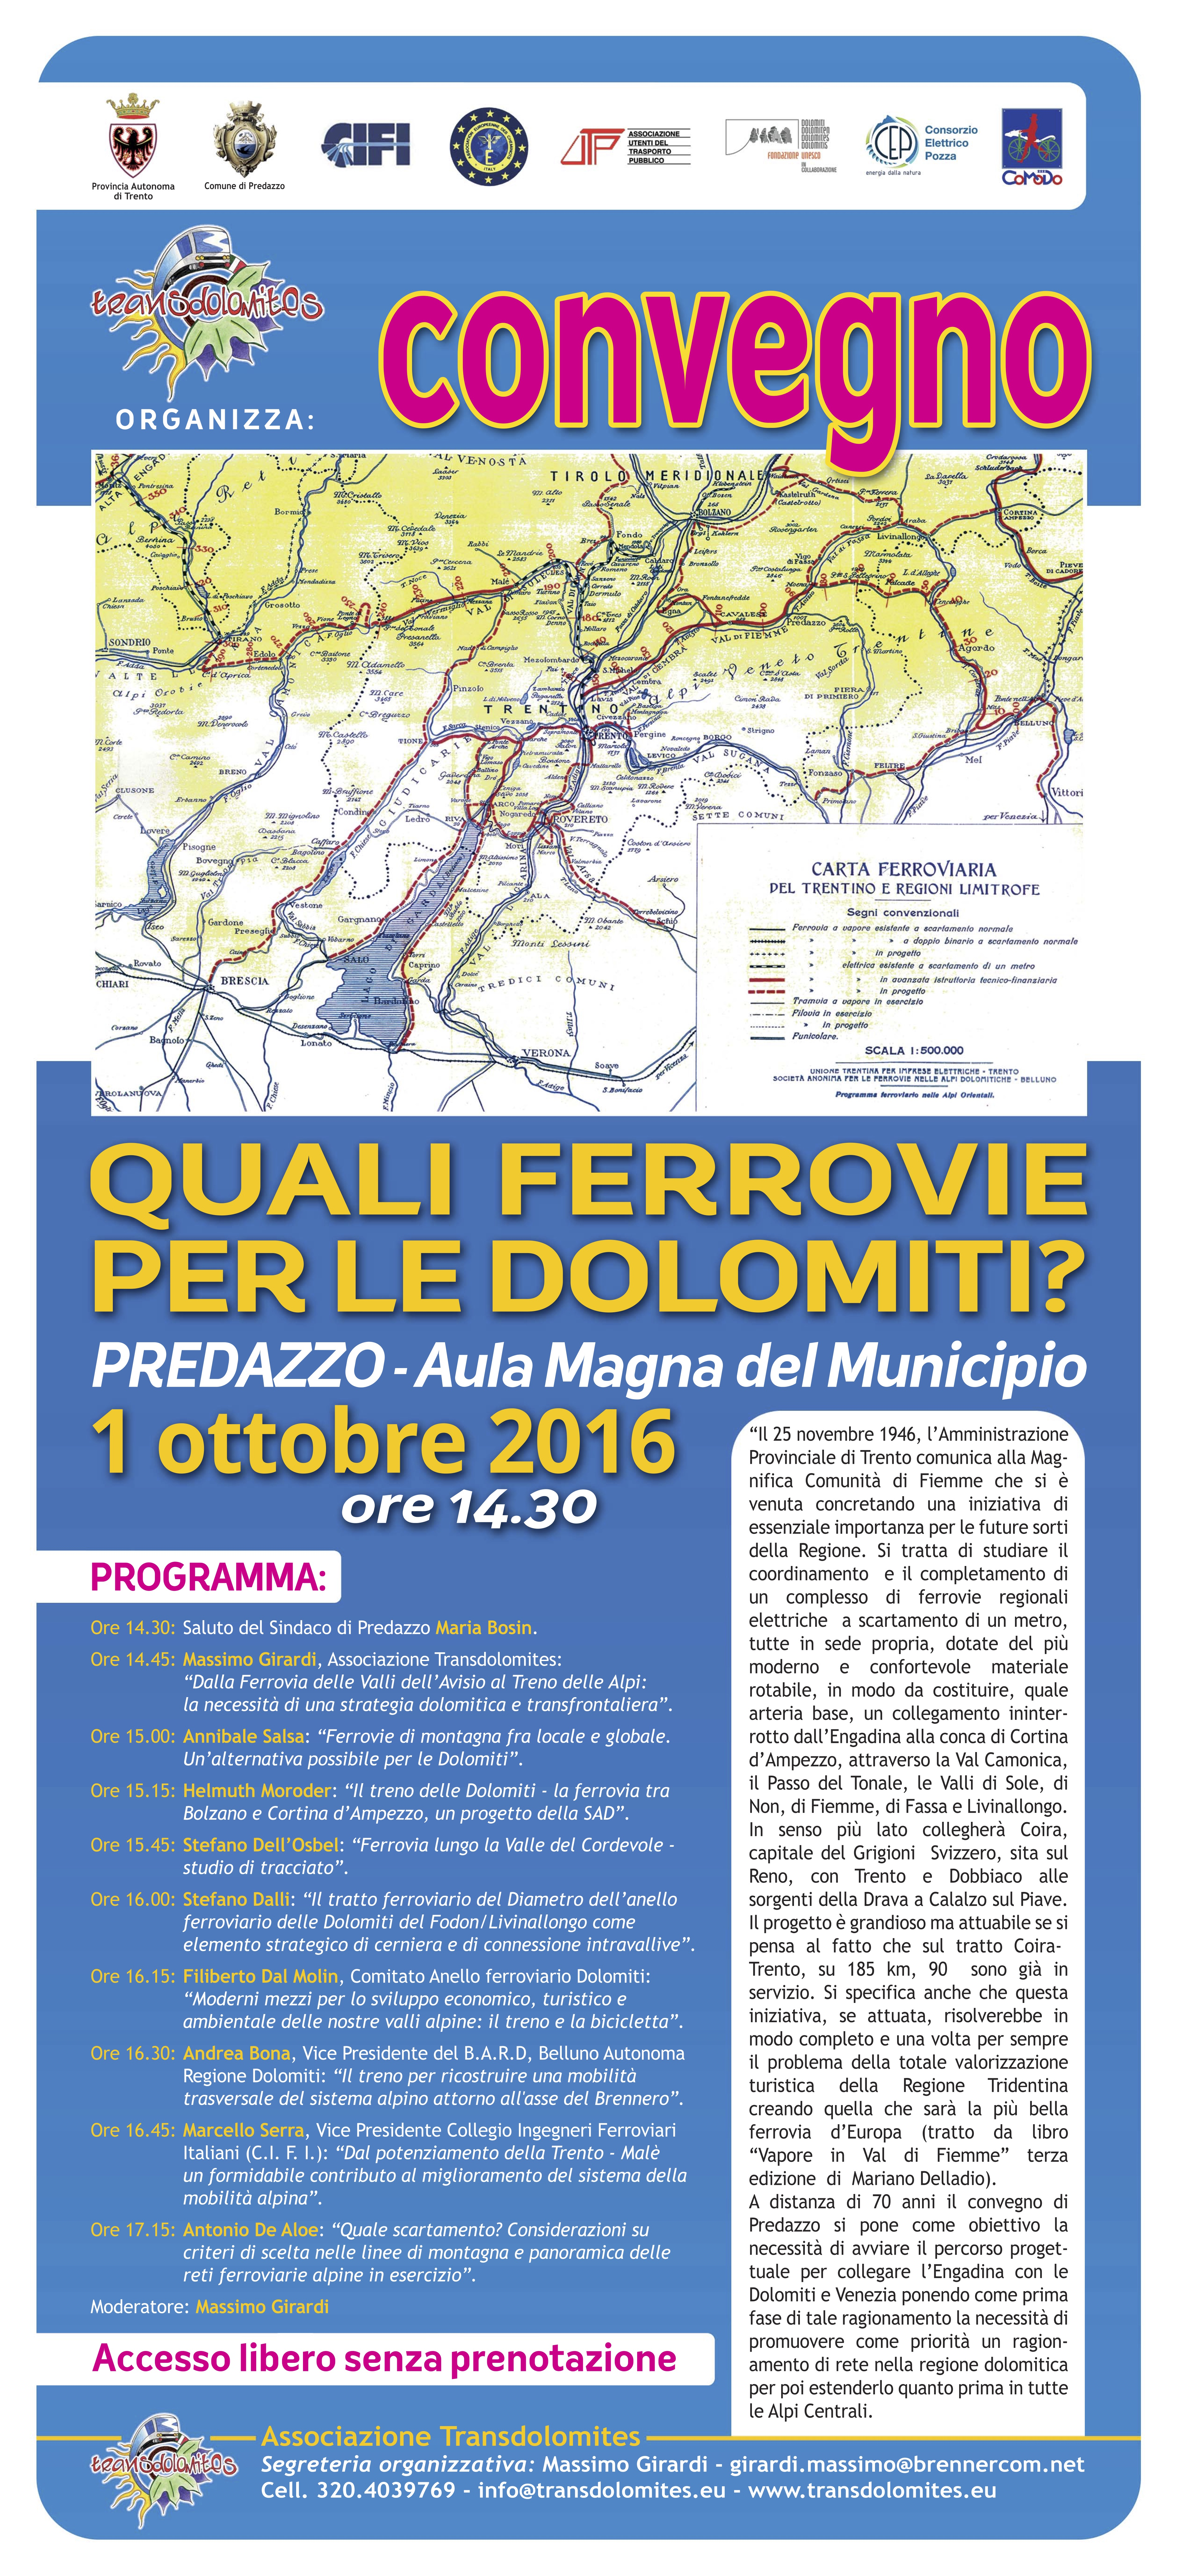 manifesto-convegno-predazzo-1-ott-2016